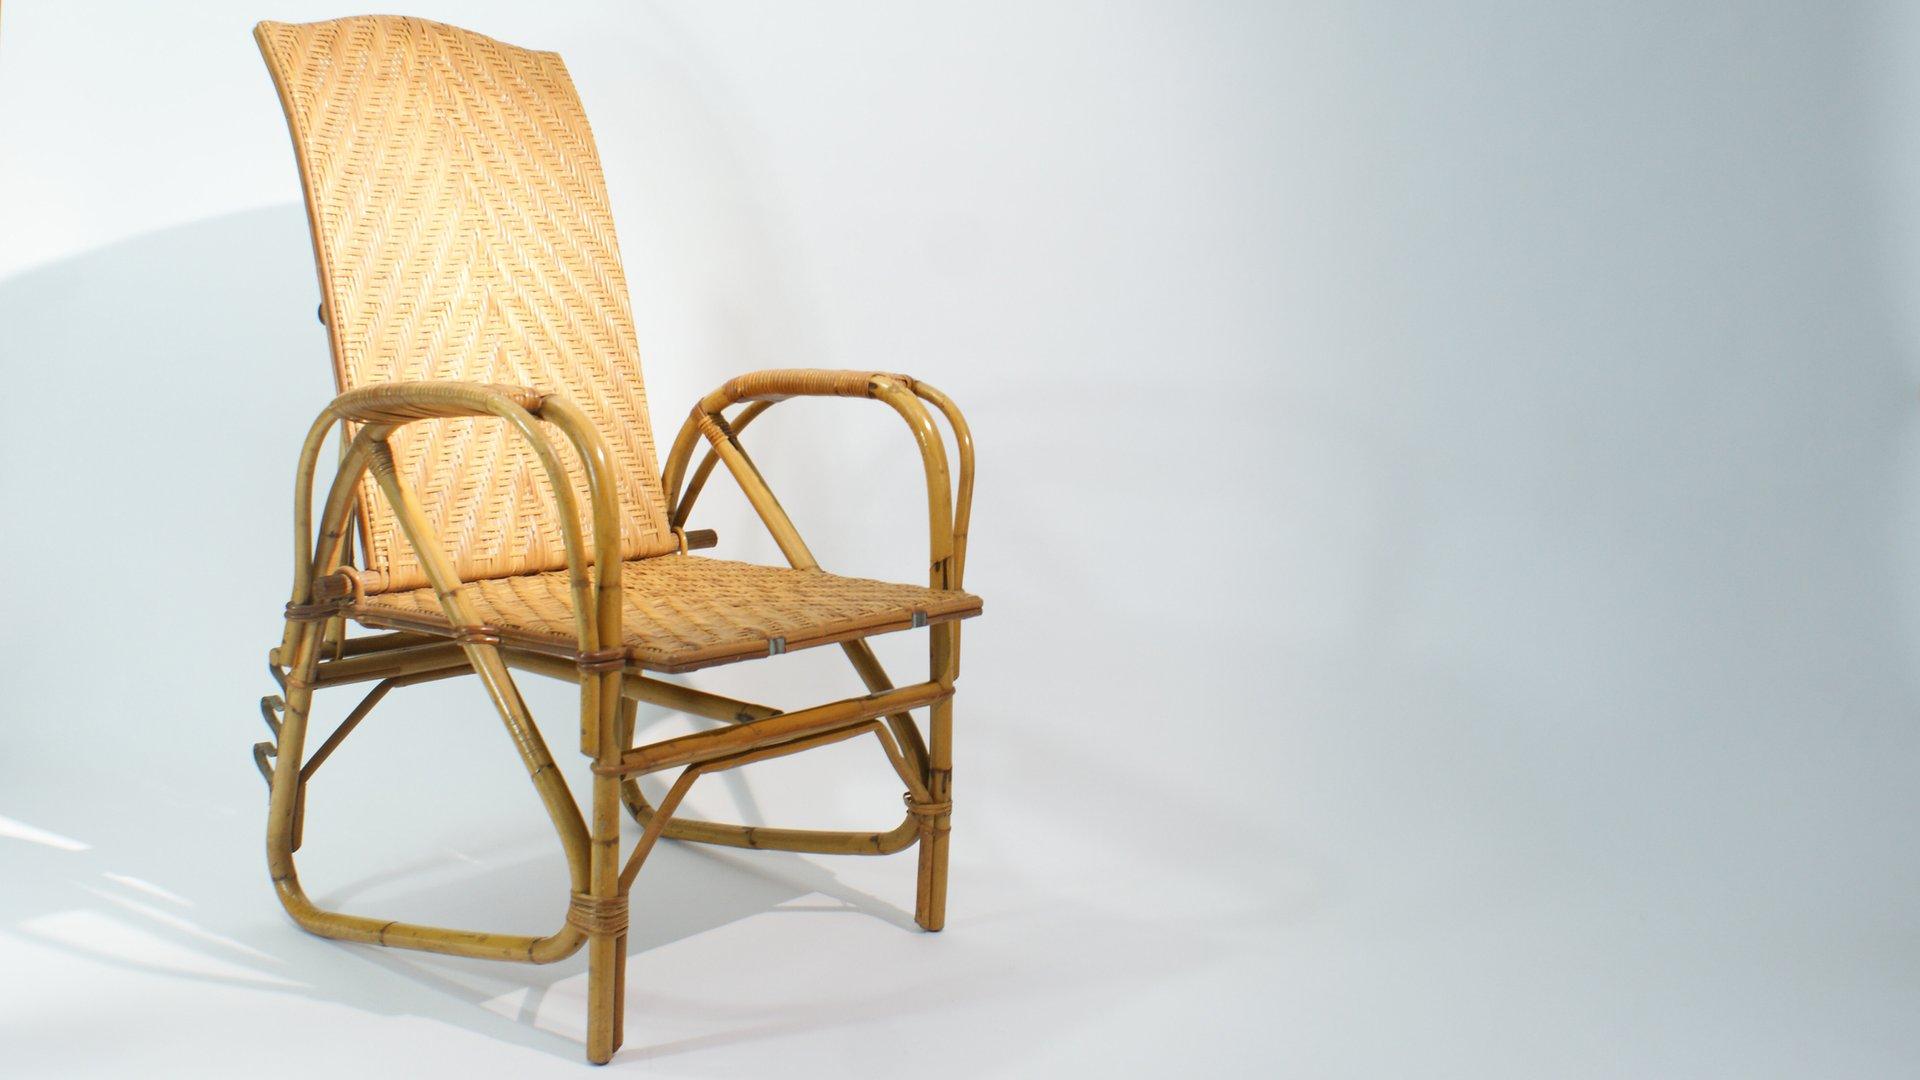 verstellbare rattan und bambus liege 1940er bei pamono kaufen. Black Bedroom Furniture Sets. Home Design Ideas